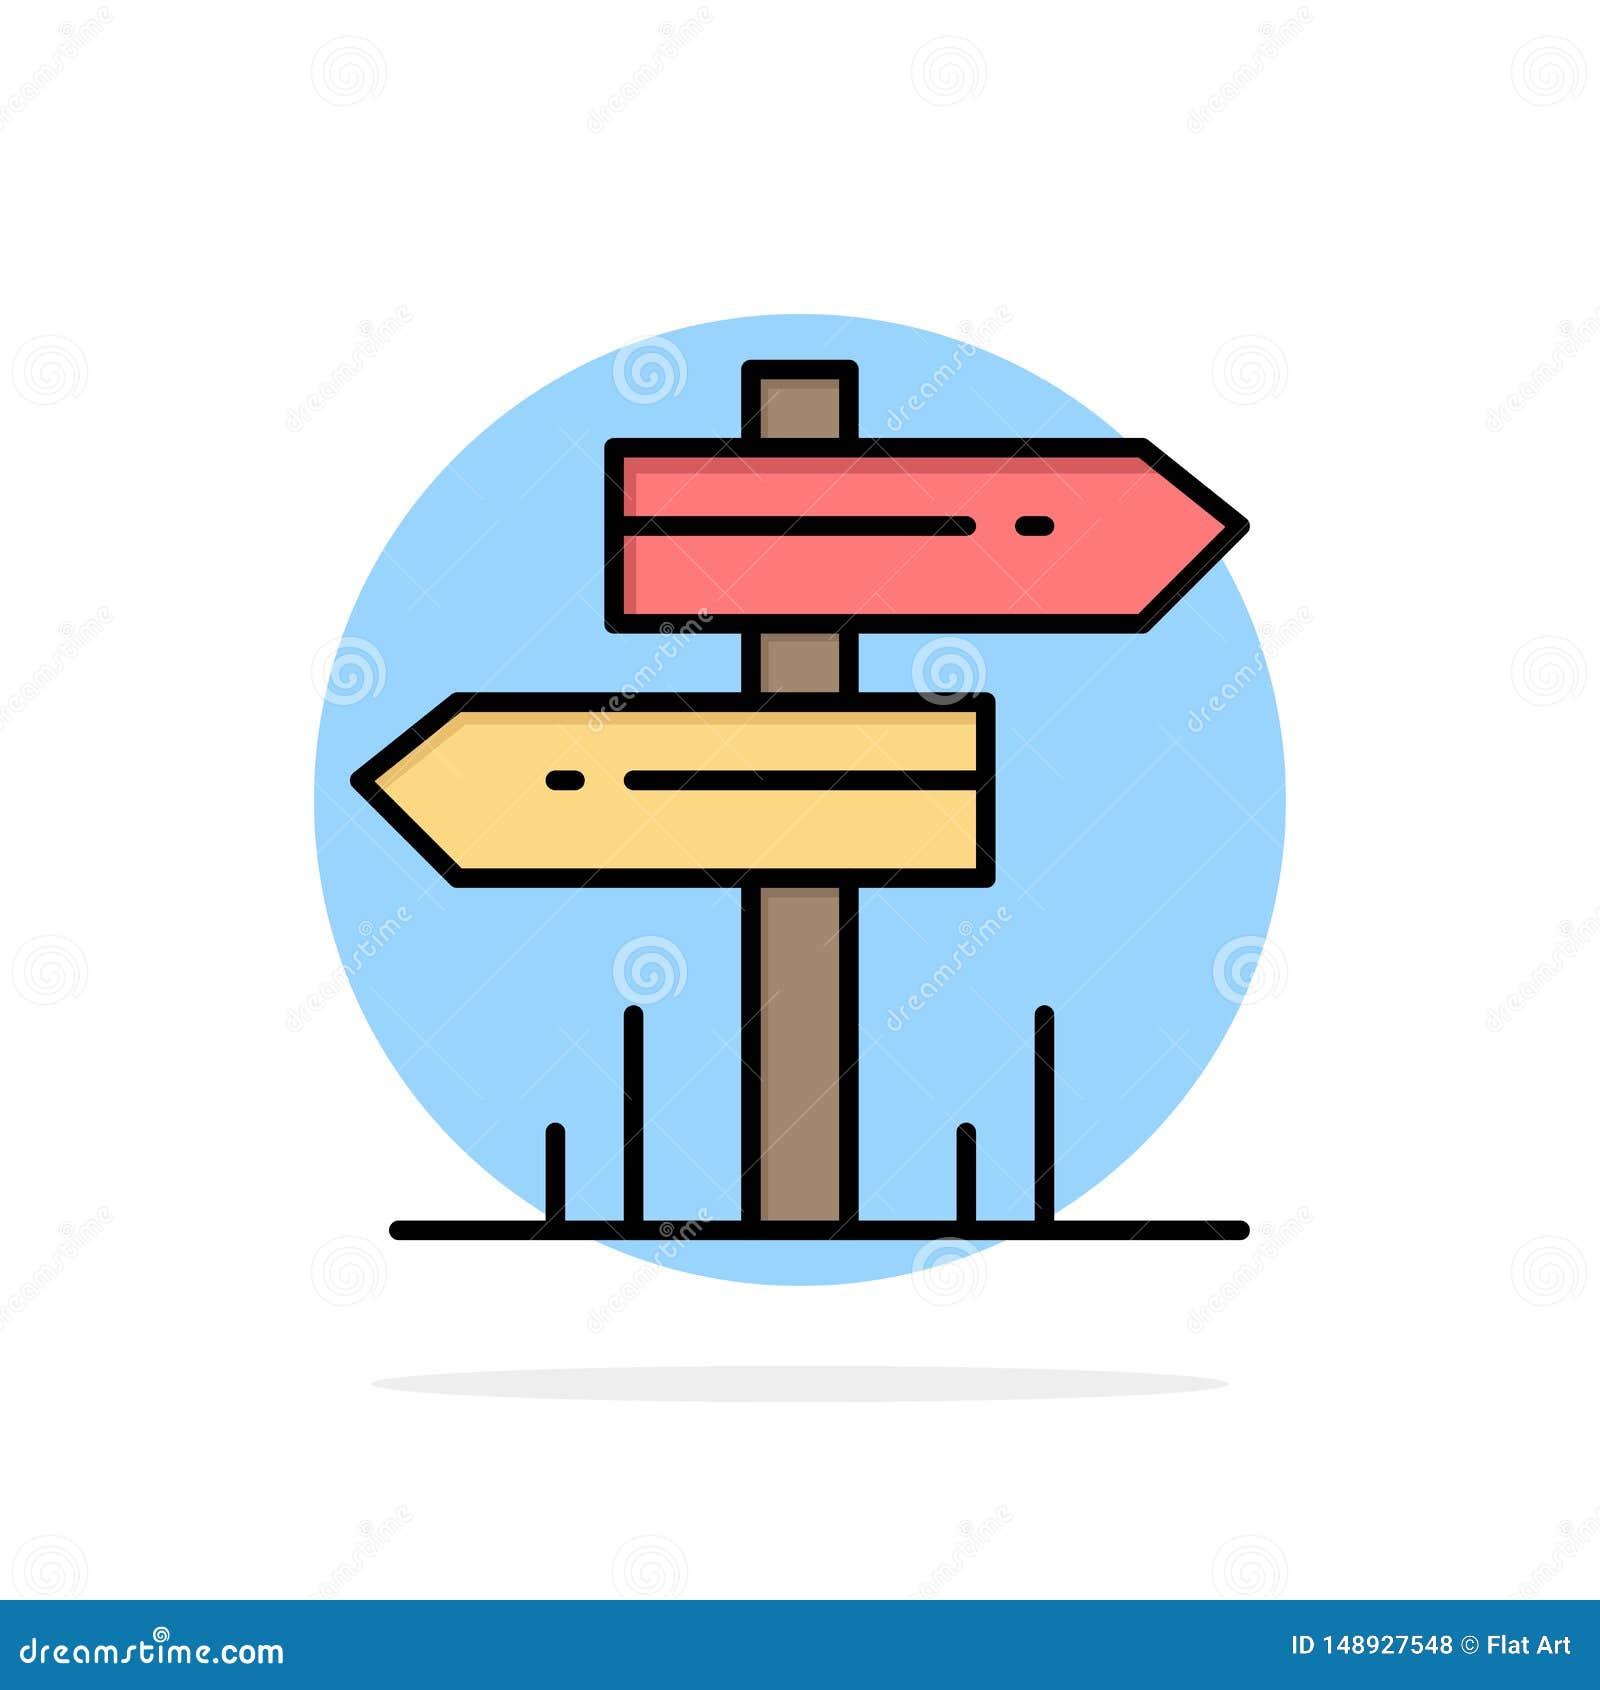 Dirección, hotel, motel, icono plano del color de fondo abstracto del círculo del sitio